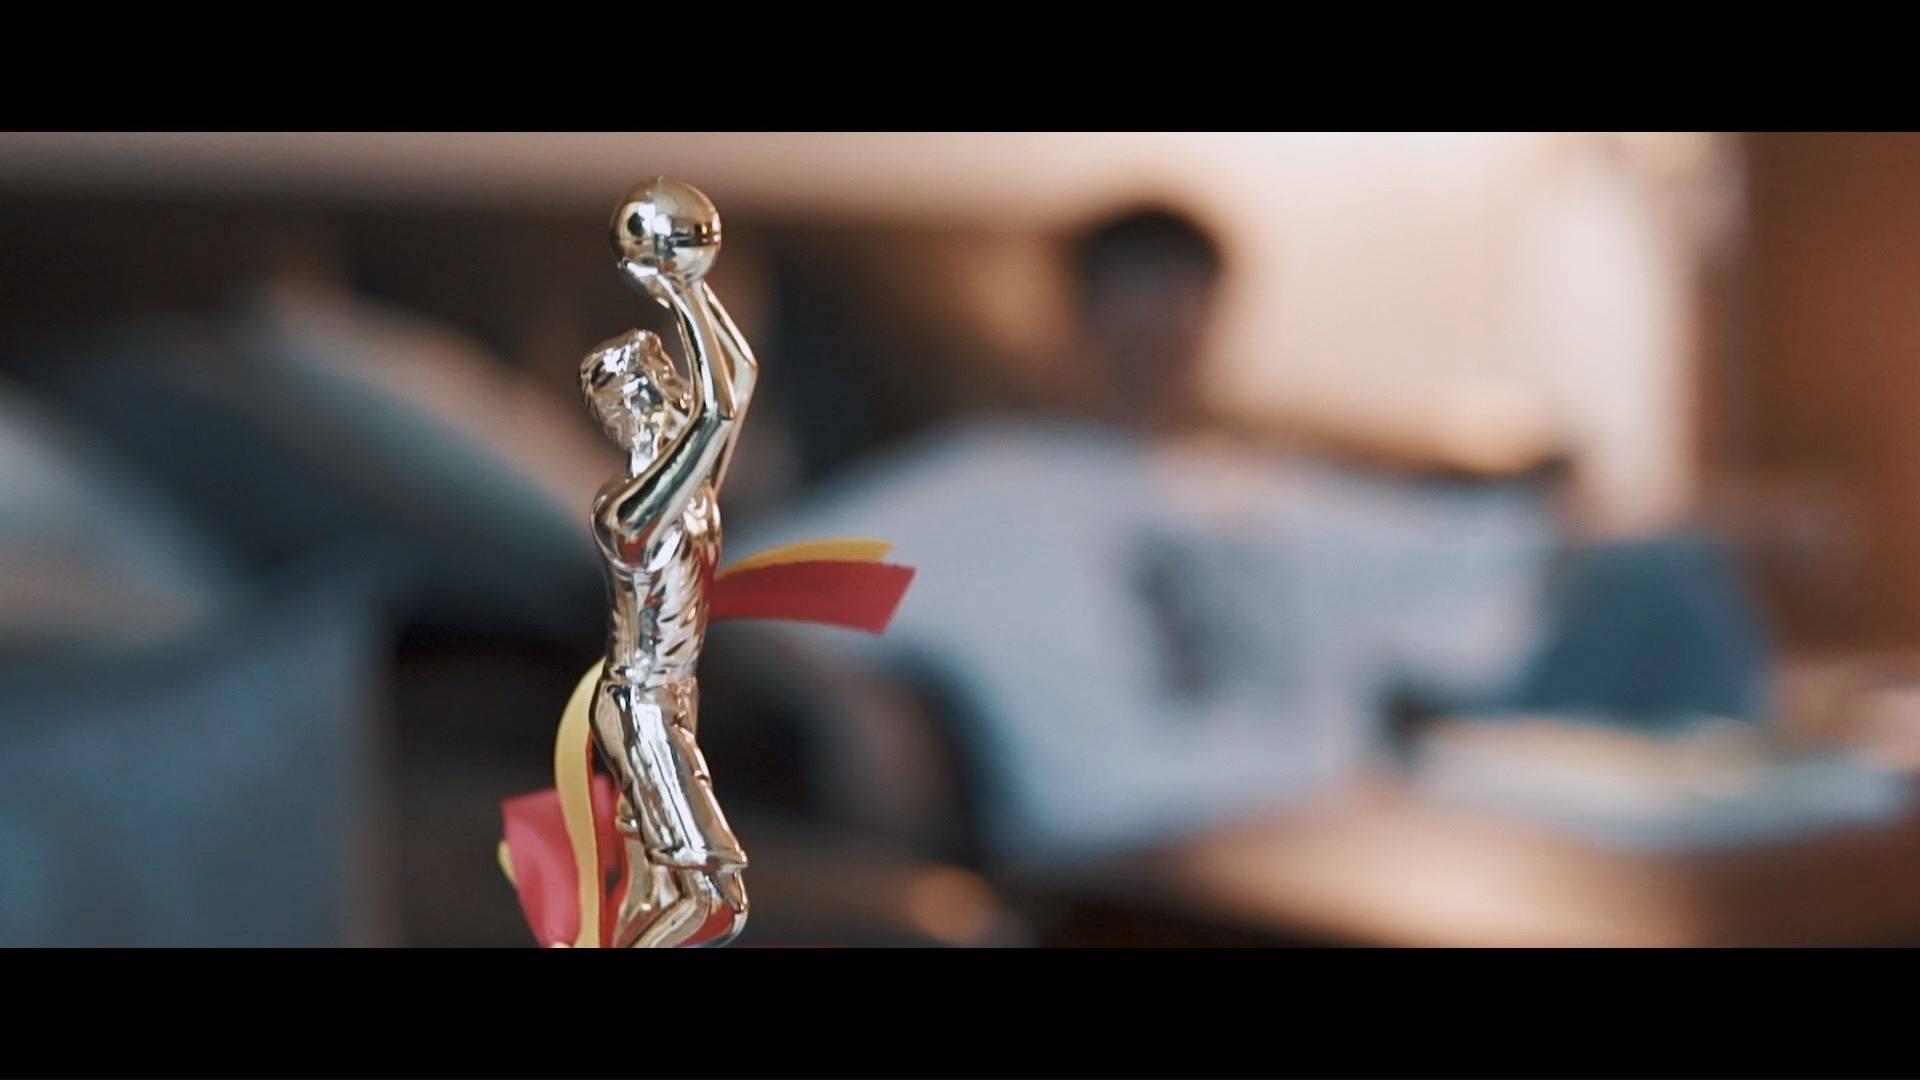 ATB - 너의 운명을 결정하라 (광고)